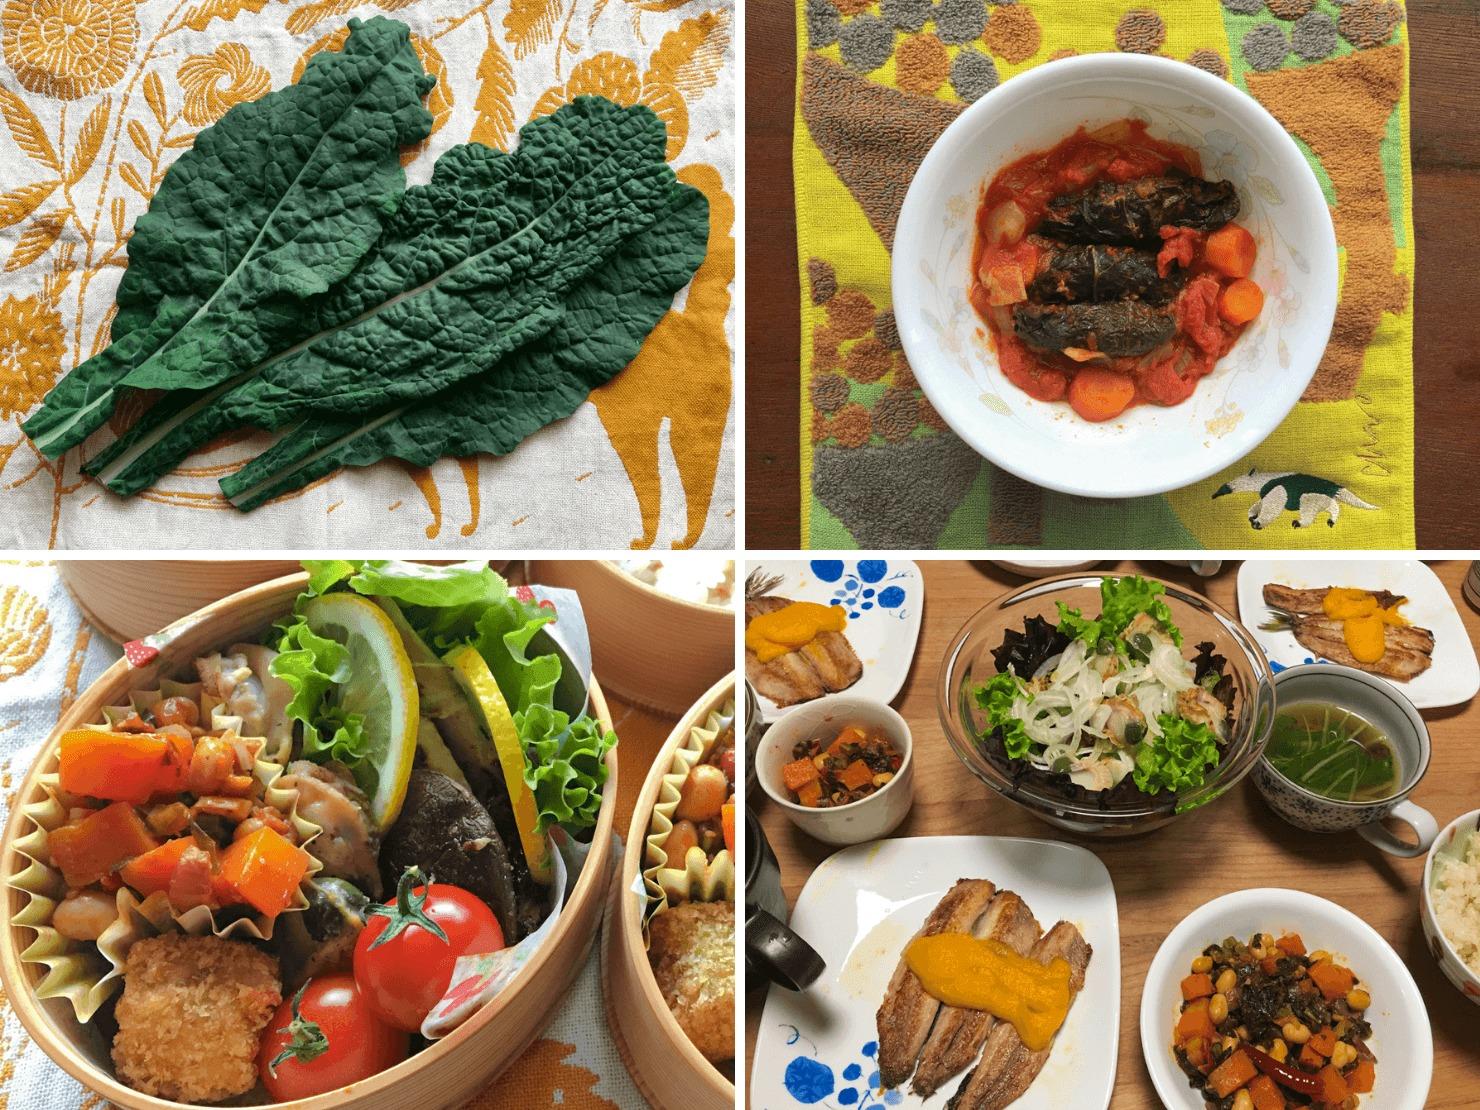 カーボロネロとカーボロネロの料理の写真